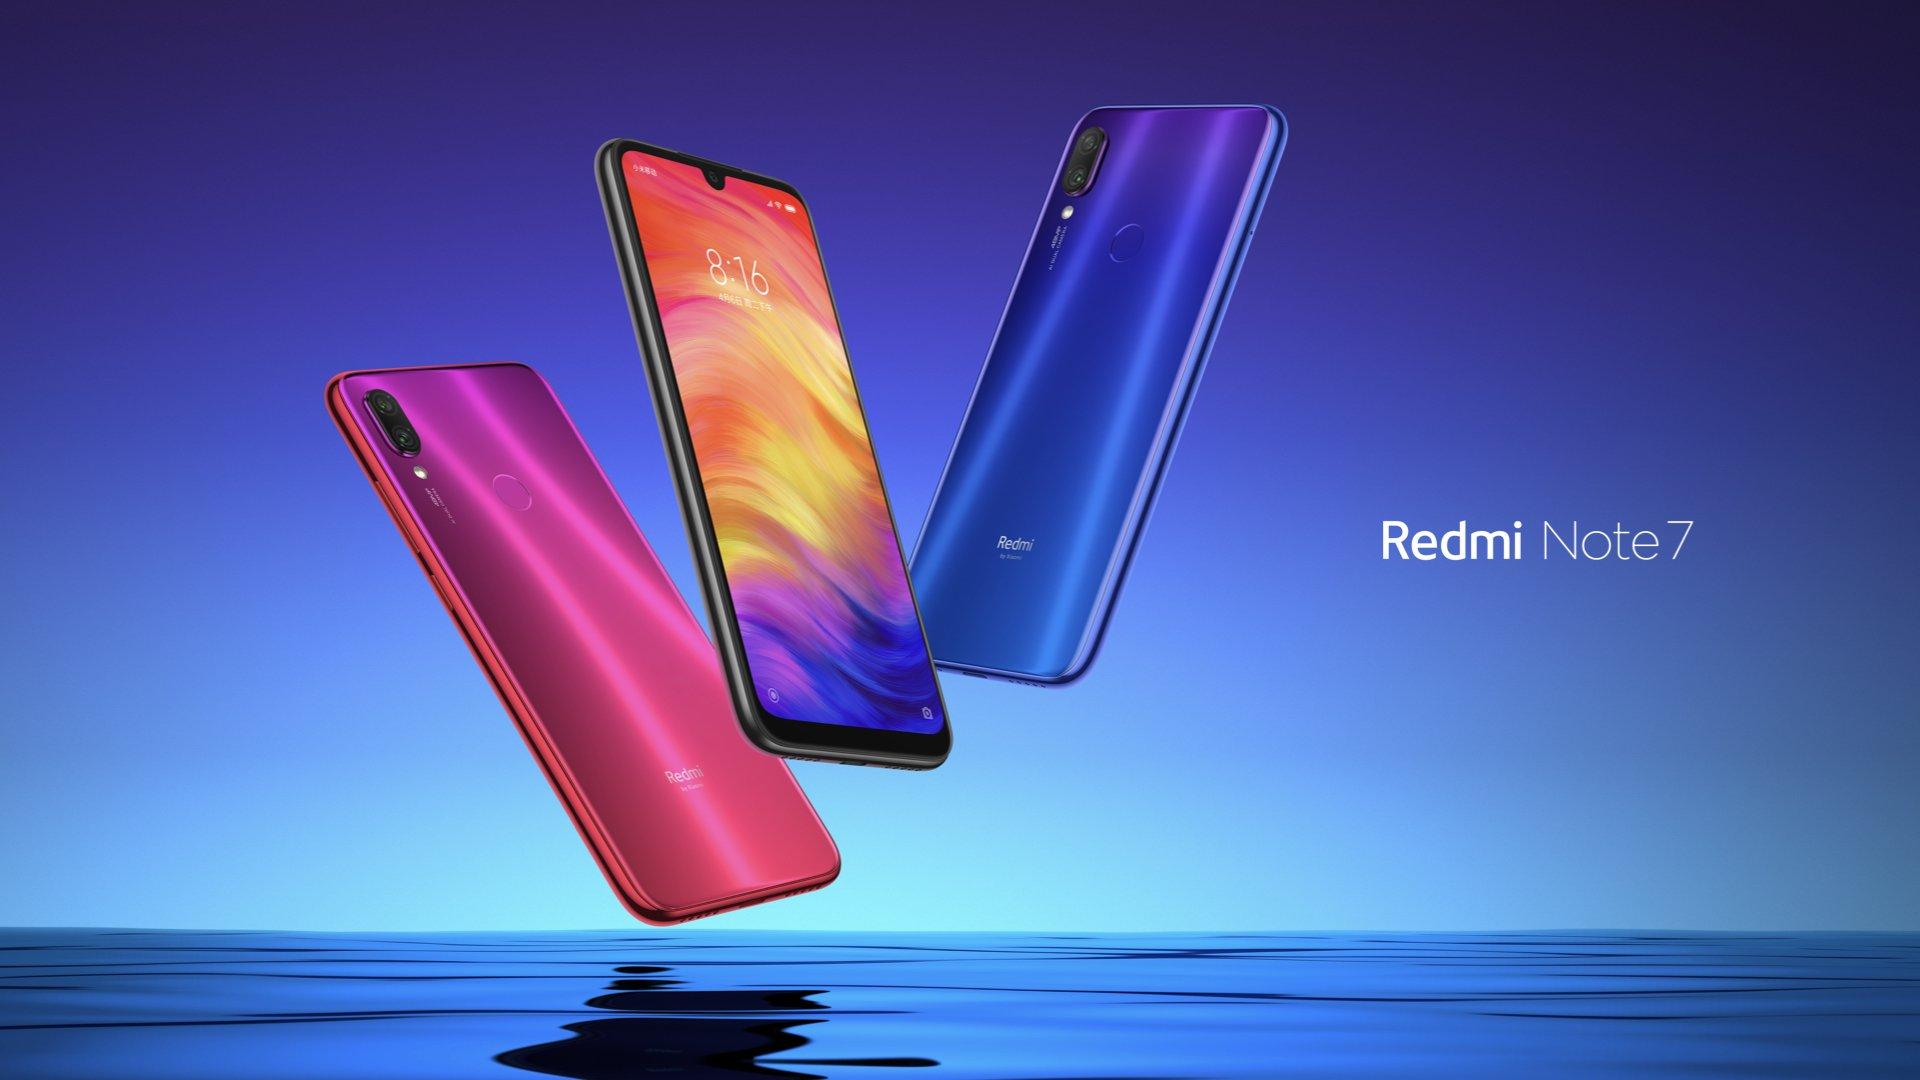 Redmi Note 7 gets Super Evening Scene Mode via new update